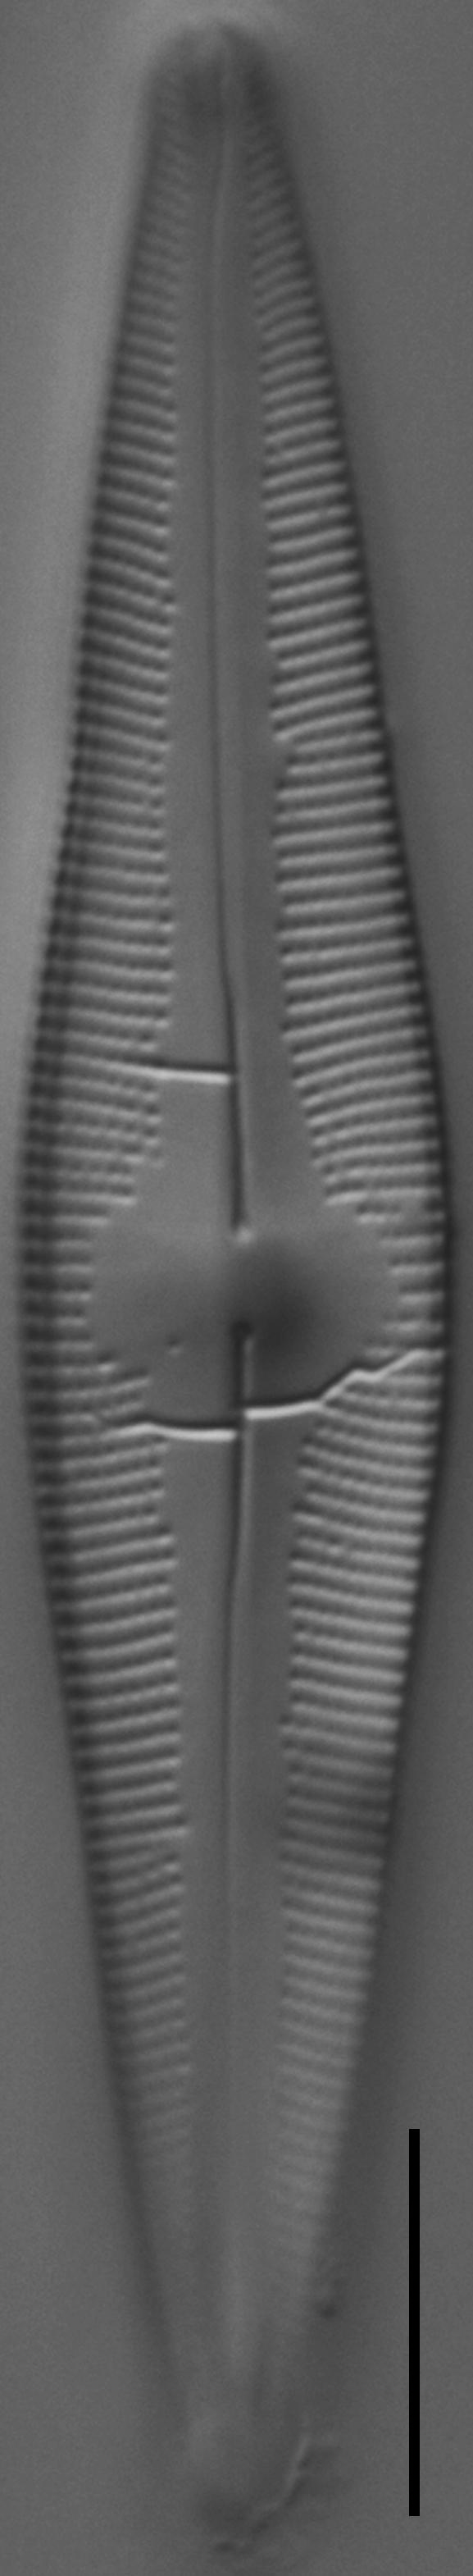 Cymbopleura stauroneiformis LM1